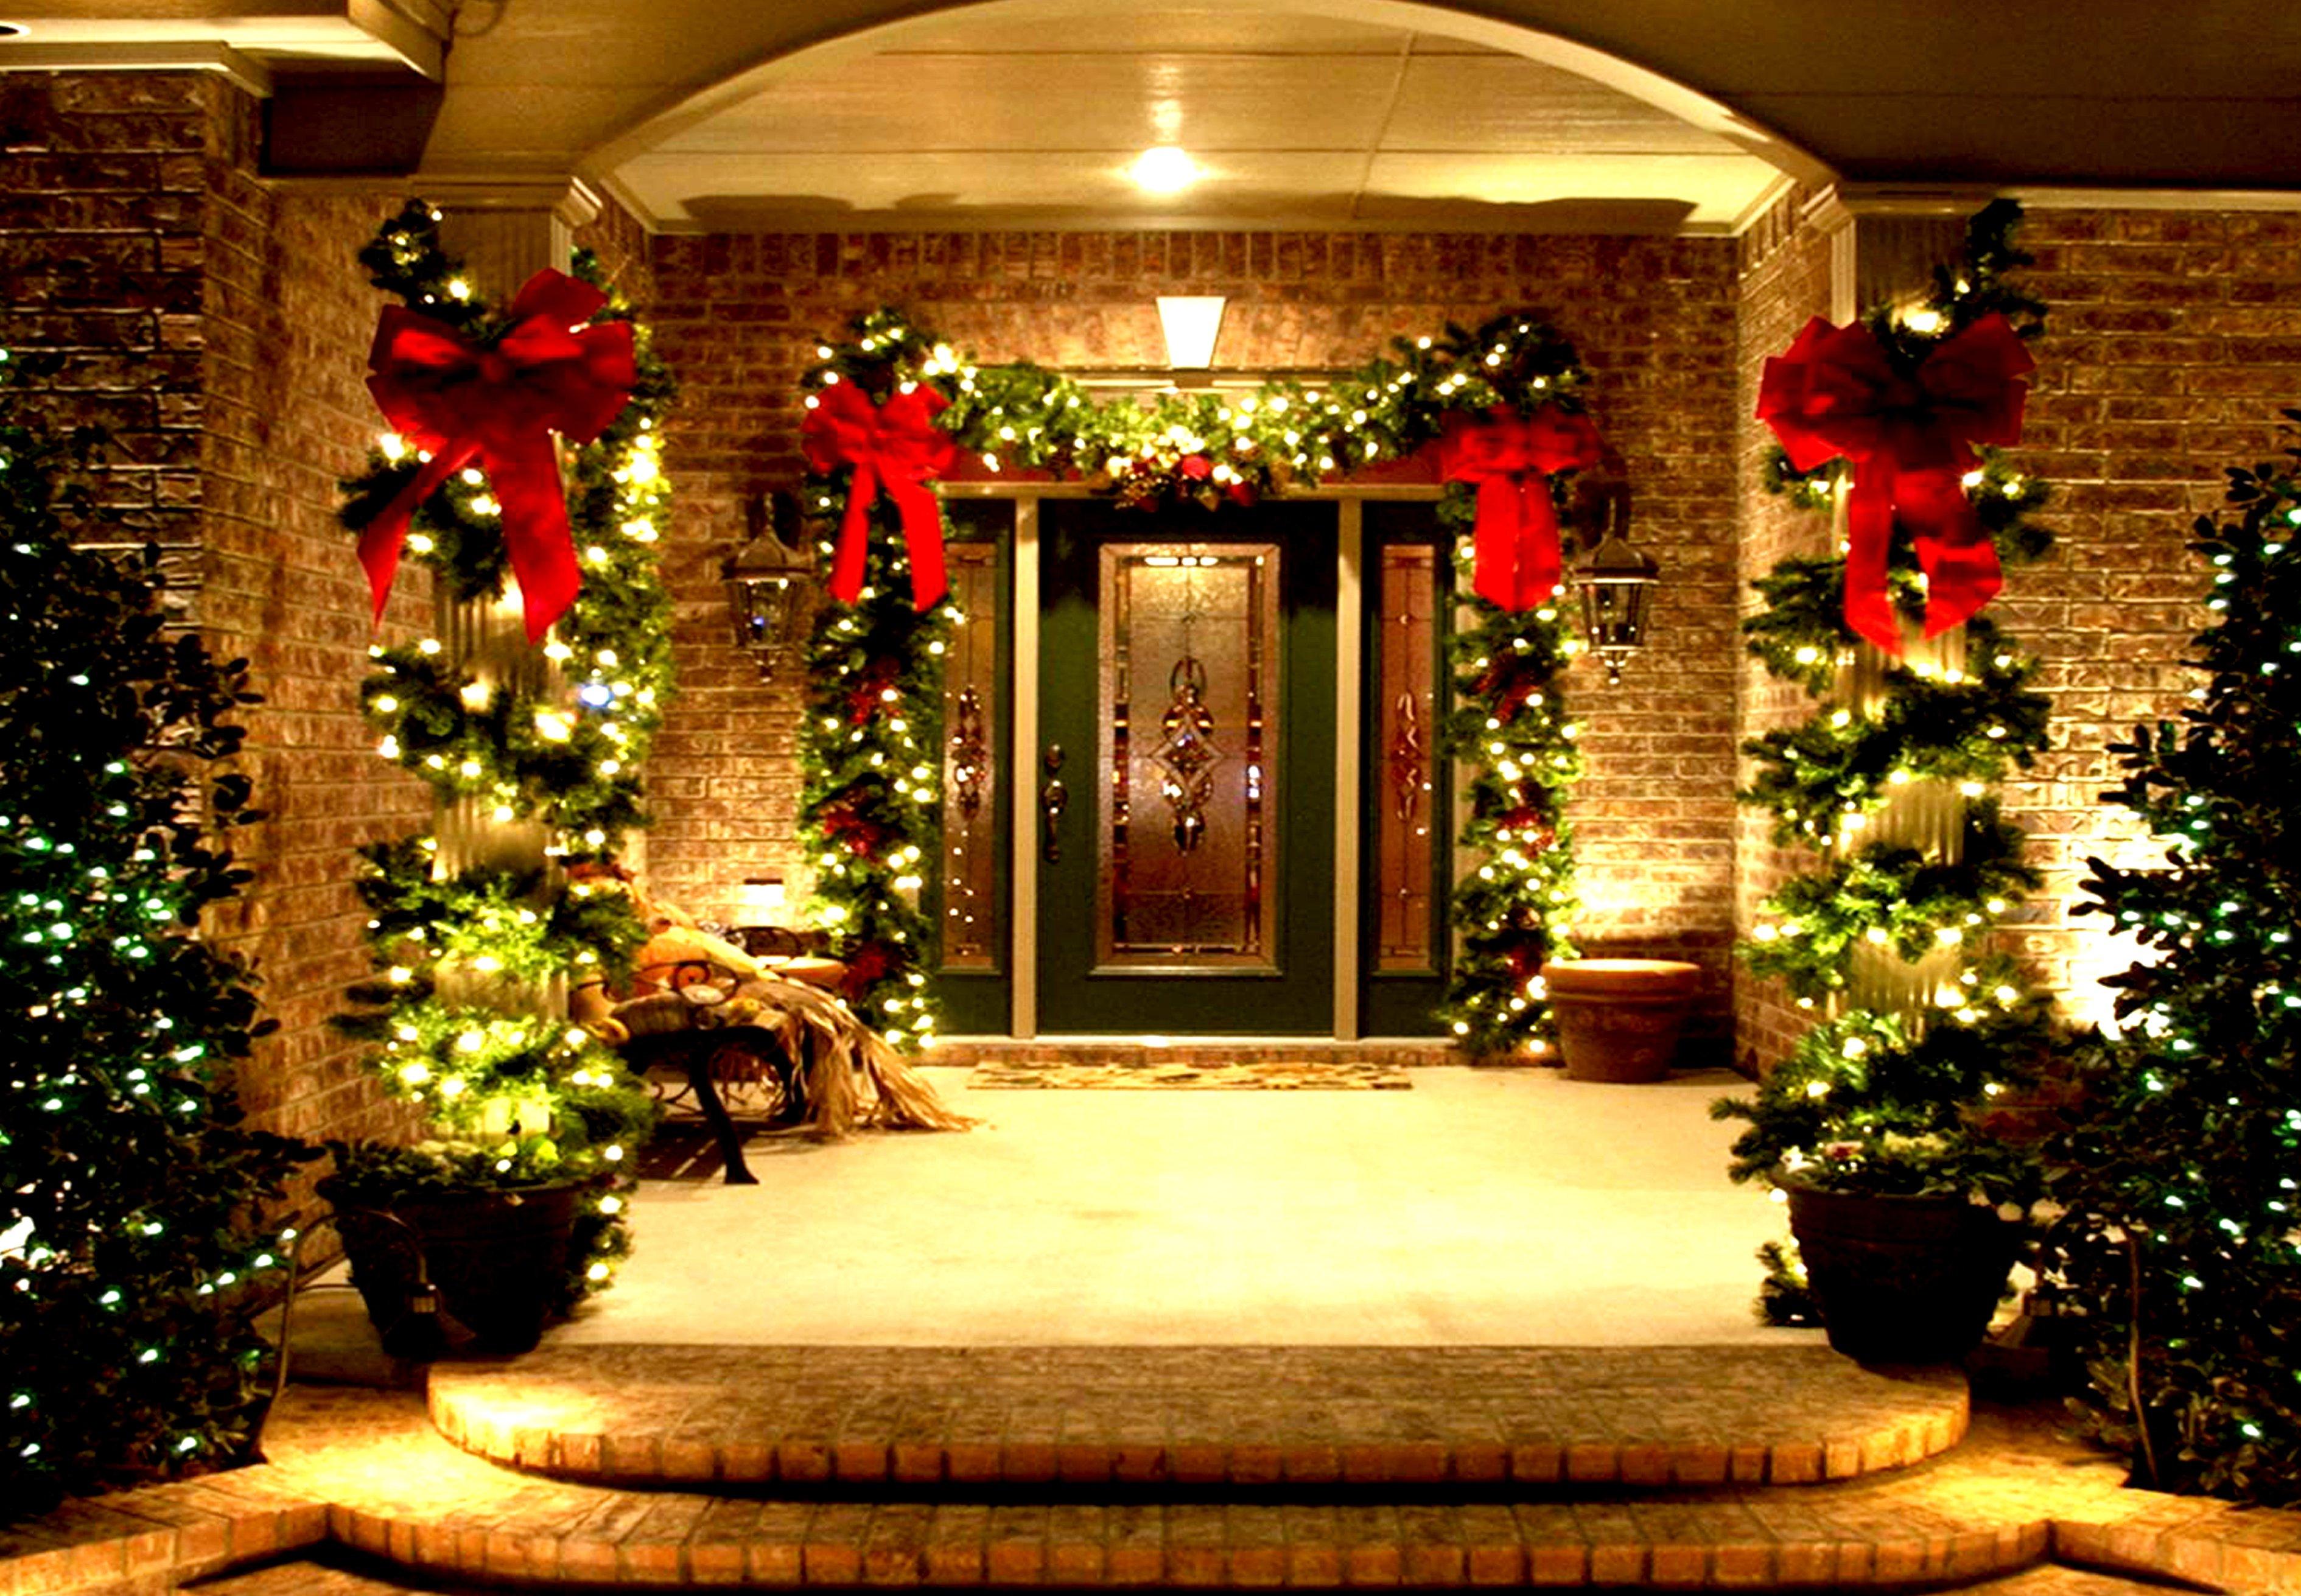 Марта картинках, картинки новогодние украшения для дома